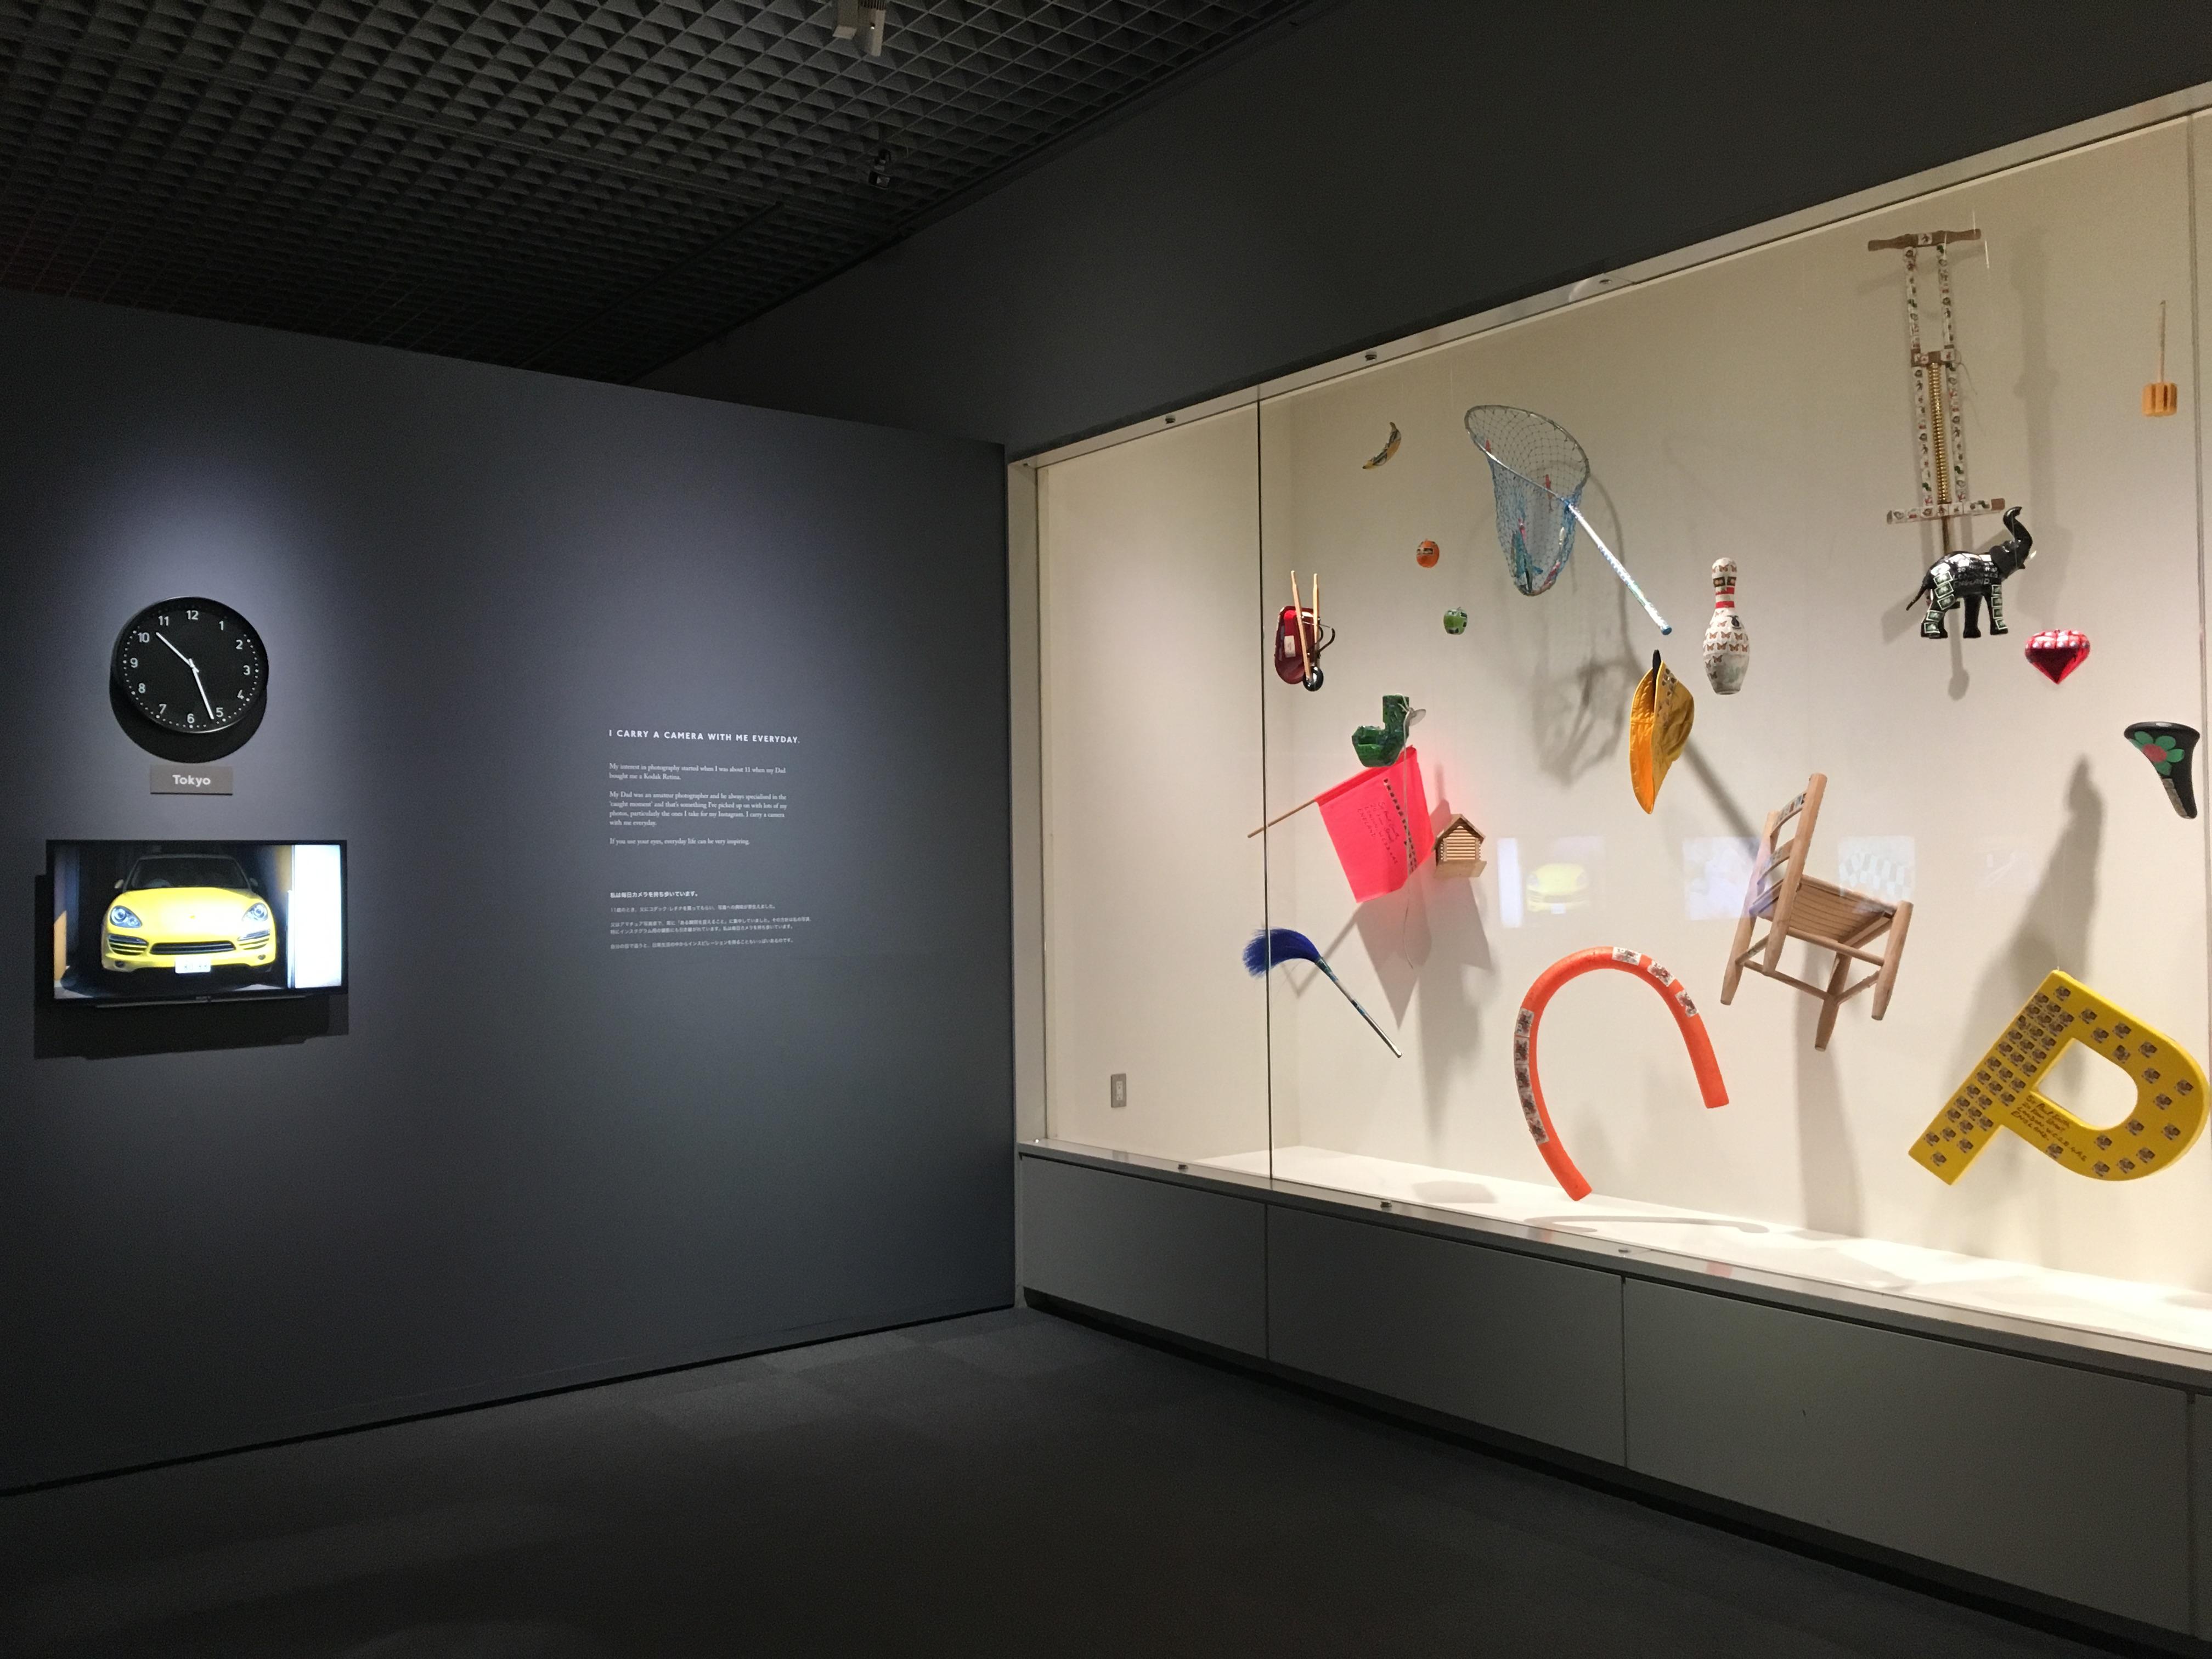 カラフルな作品と展示に心躍る!「ポール・スミス展」 in 名古屋体験レポート - 95339363cc36ef85560176428ca1105f